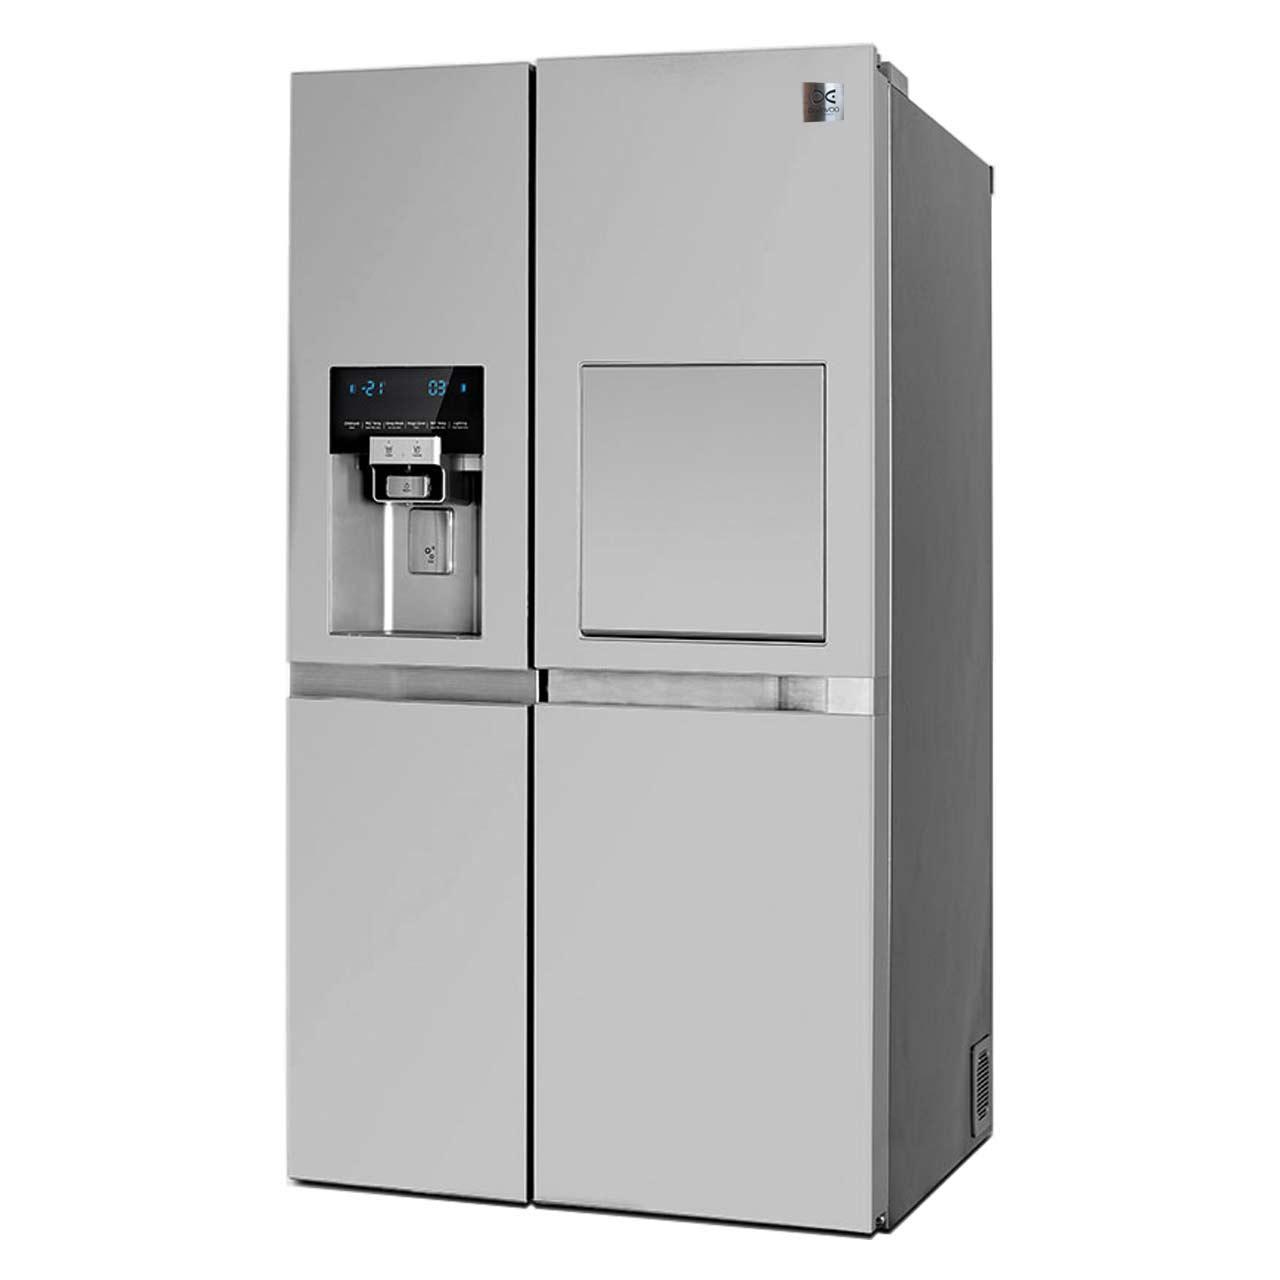 یخچال و فریزر ساید بای ساید دوو مدل D2S-3033SS